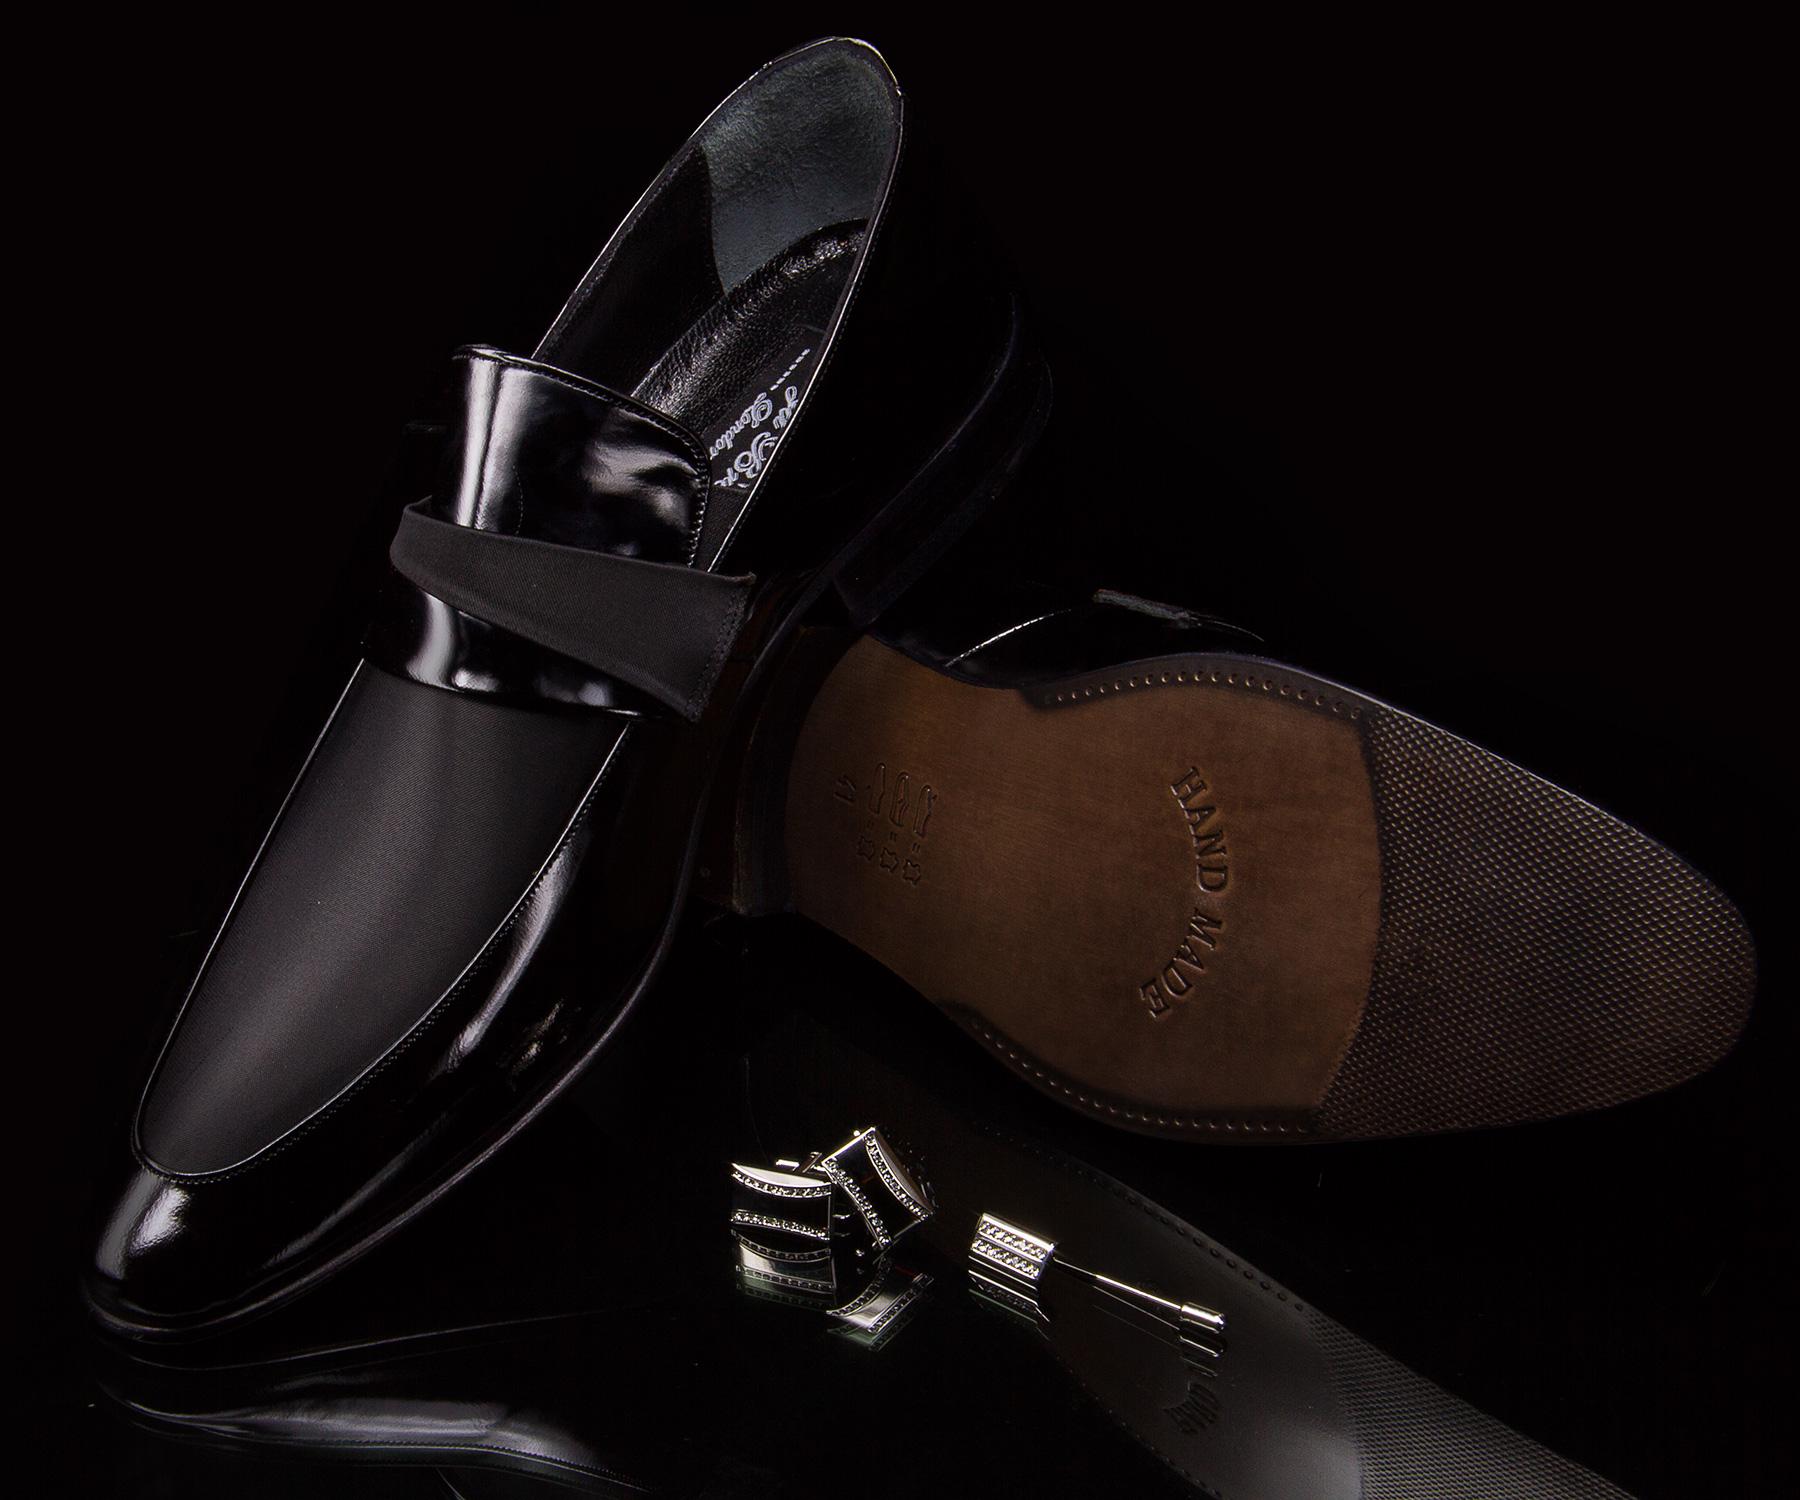 pignatelli_scarpe_marco_resta.jpg